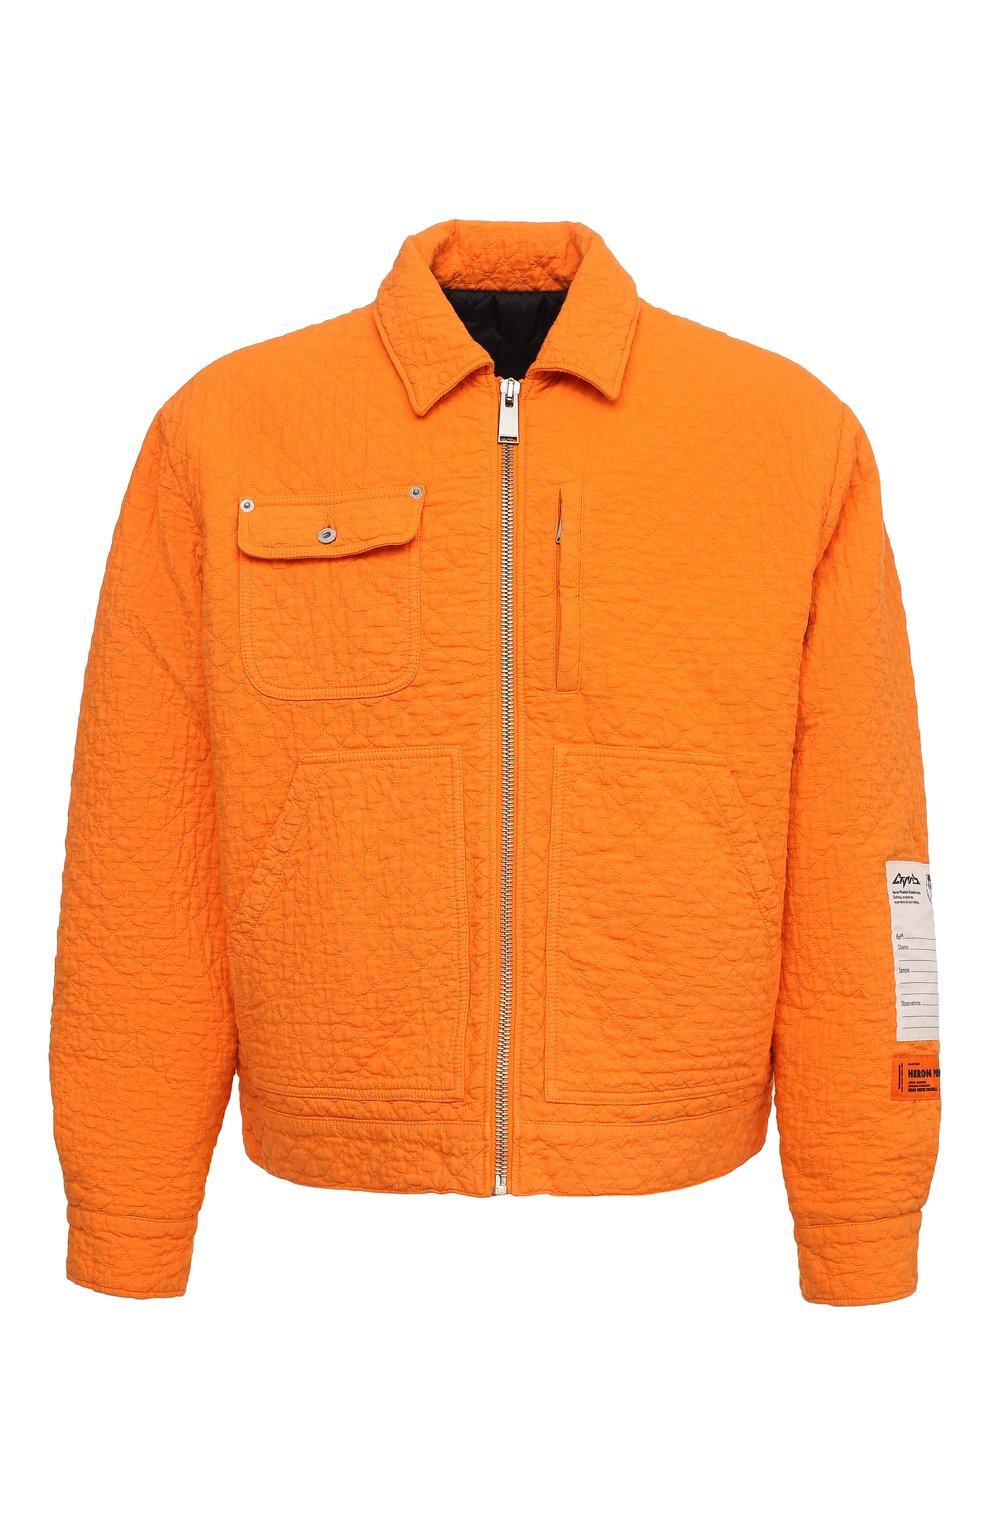 Мужская хлопковая куртка HERON PRESTON оранжевого цвета, арт. HMEA052F20FAB0012200 | Фото 1 (Кросс-КТ: Куртка, Ветровка; Рукава: Длинные; Материал внешний: Хлопок; Мужское Кросс-КТ: Куртка-верхняя одежда, Верхняя одежда; Материал подклада: Синтетический материал; Длина (верхняя одежда): Короткие)